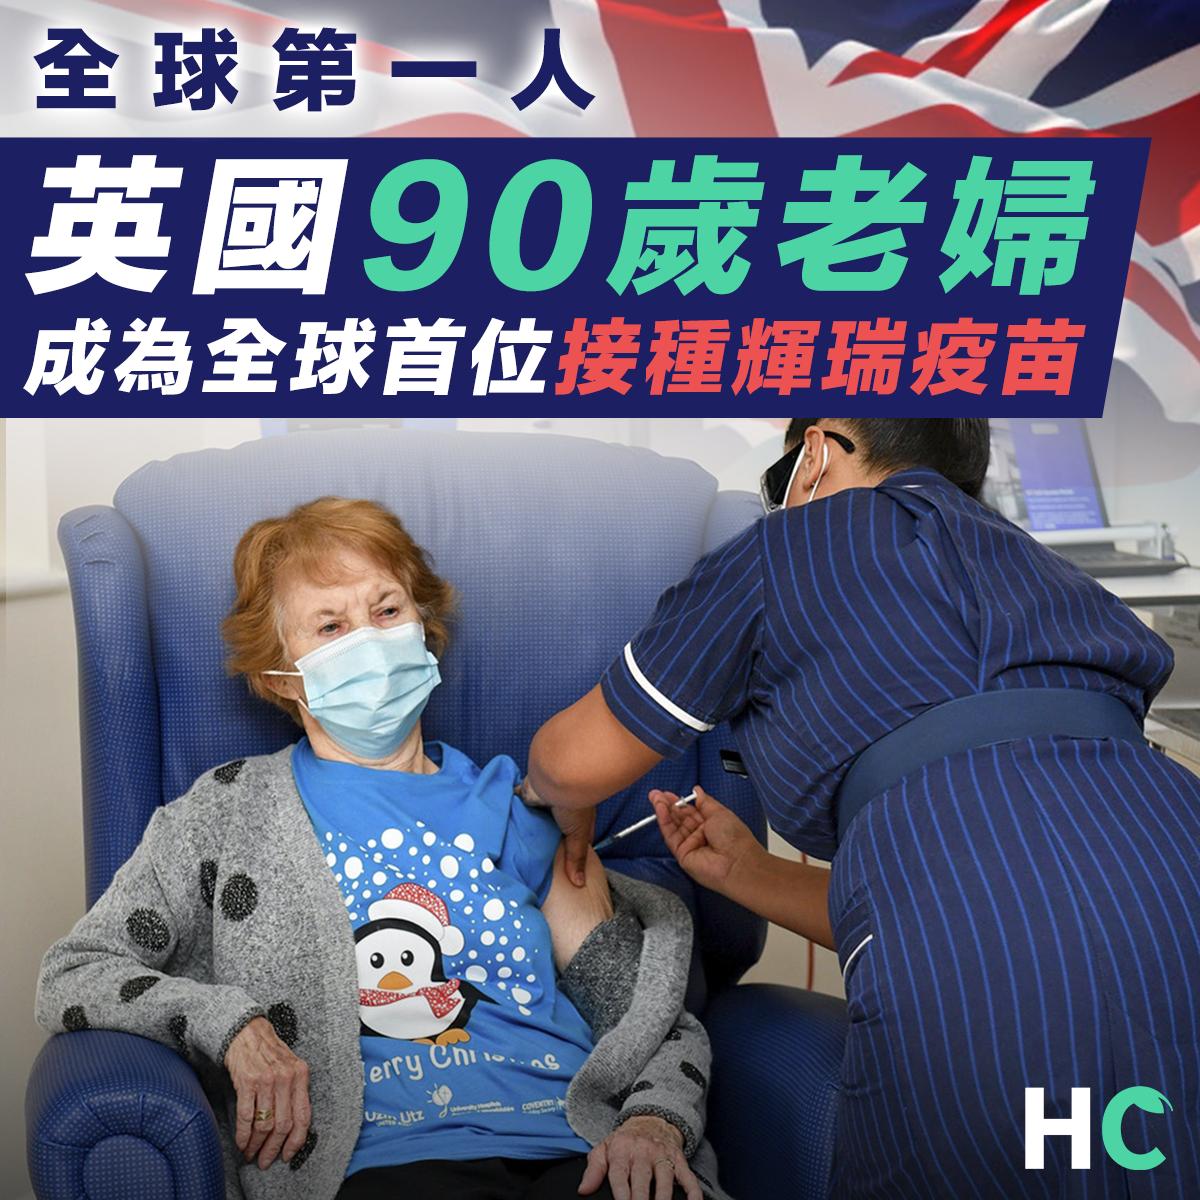 英國90歲老婦 成為全球首位接種輝瑞疫苗